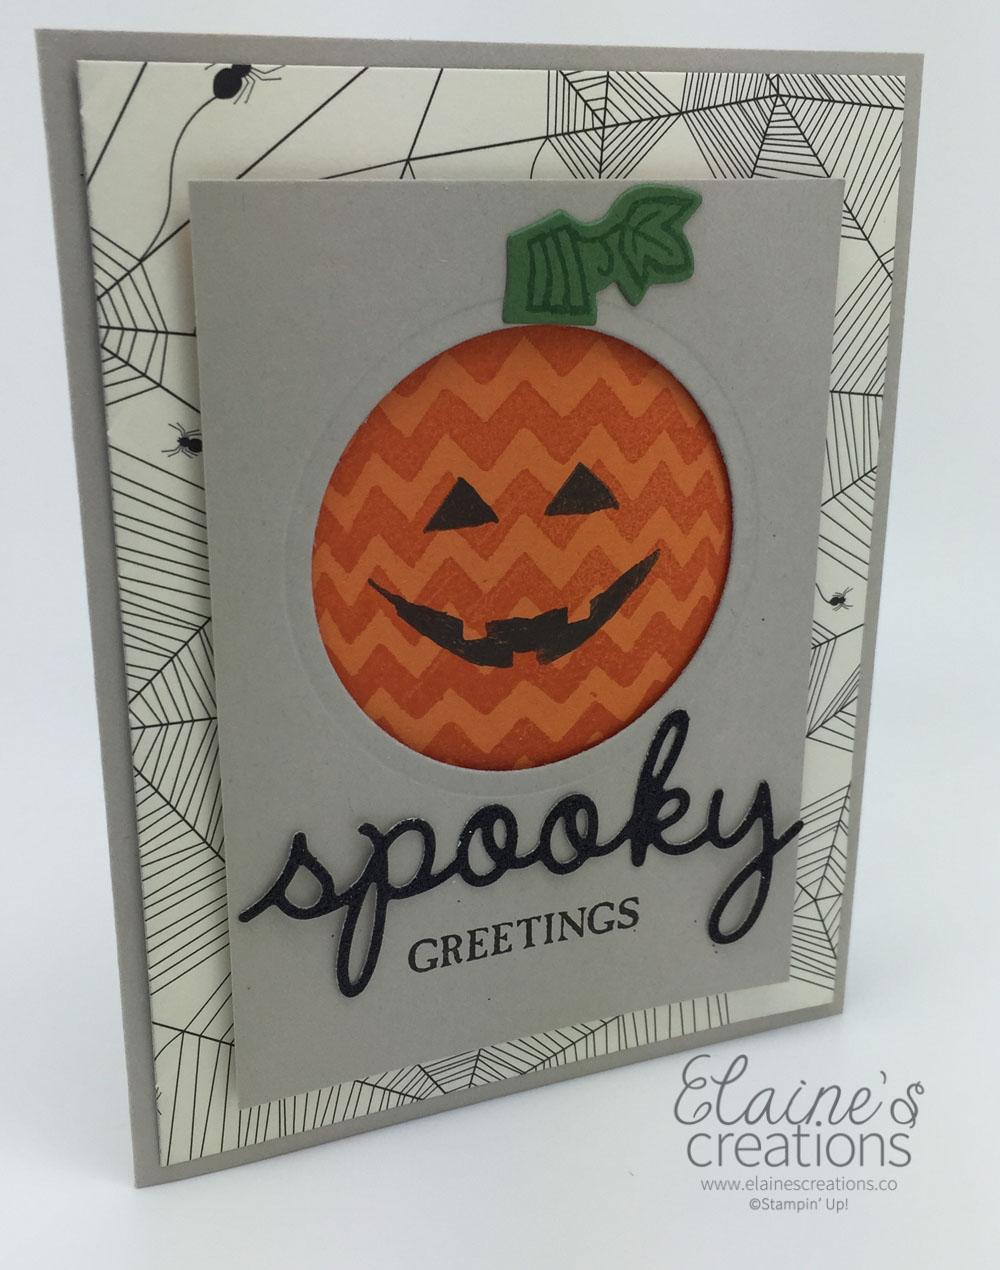 elaine's creations: spooky sparkly seasons halloween card